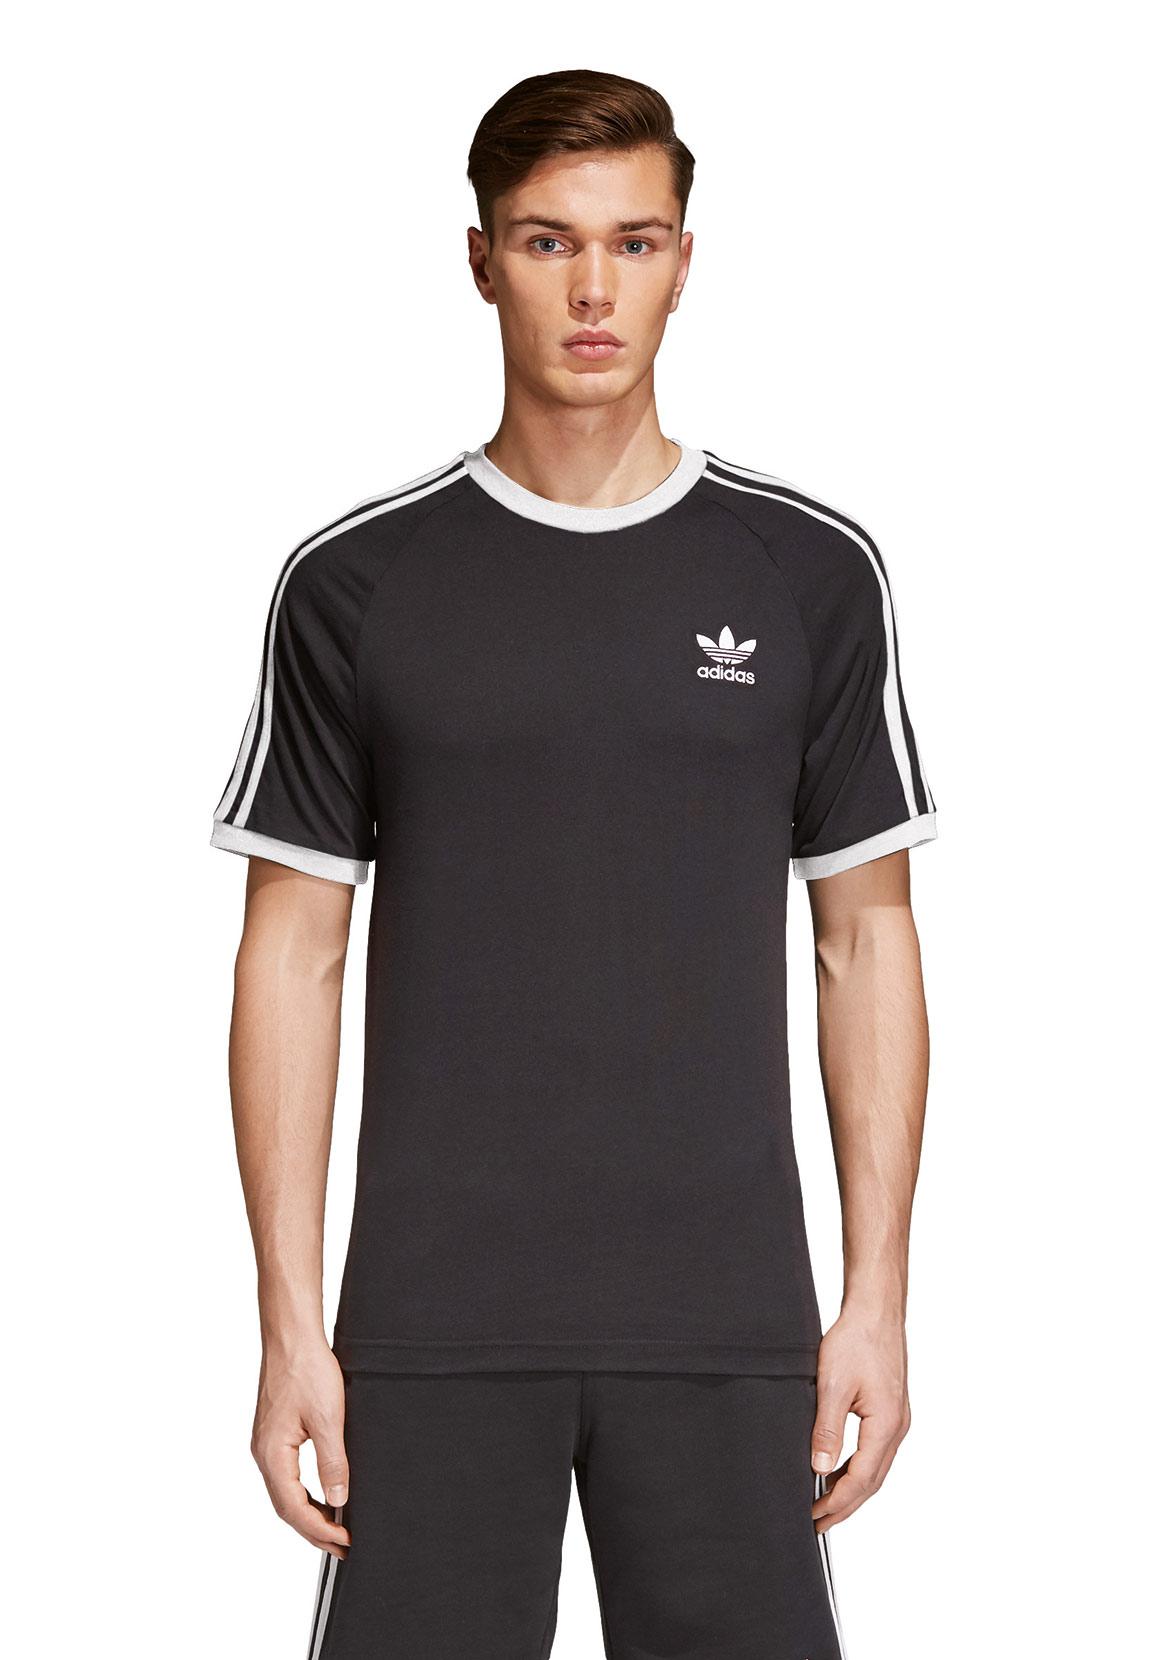 Heren Strepen Tee Zwart 3 T shirt Cw1202 Originals Adidas zjSpLGqVUM